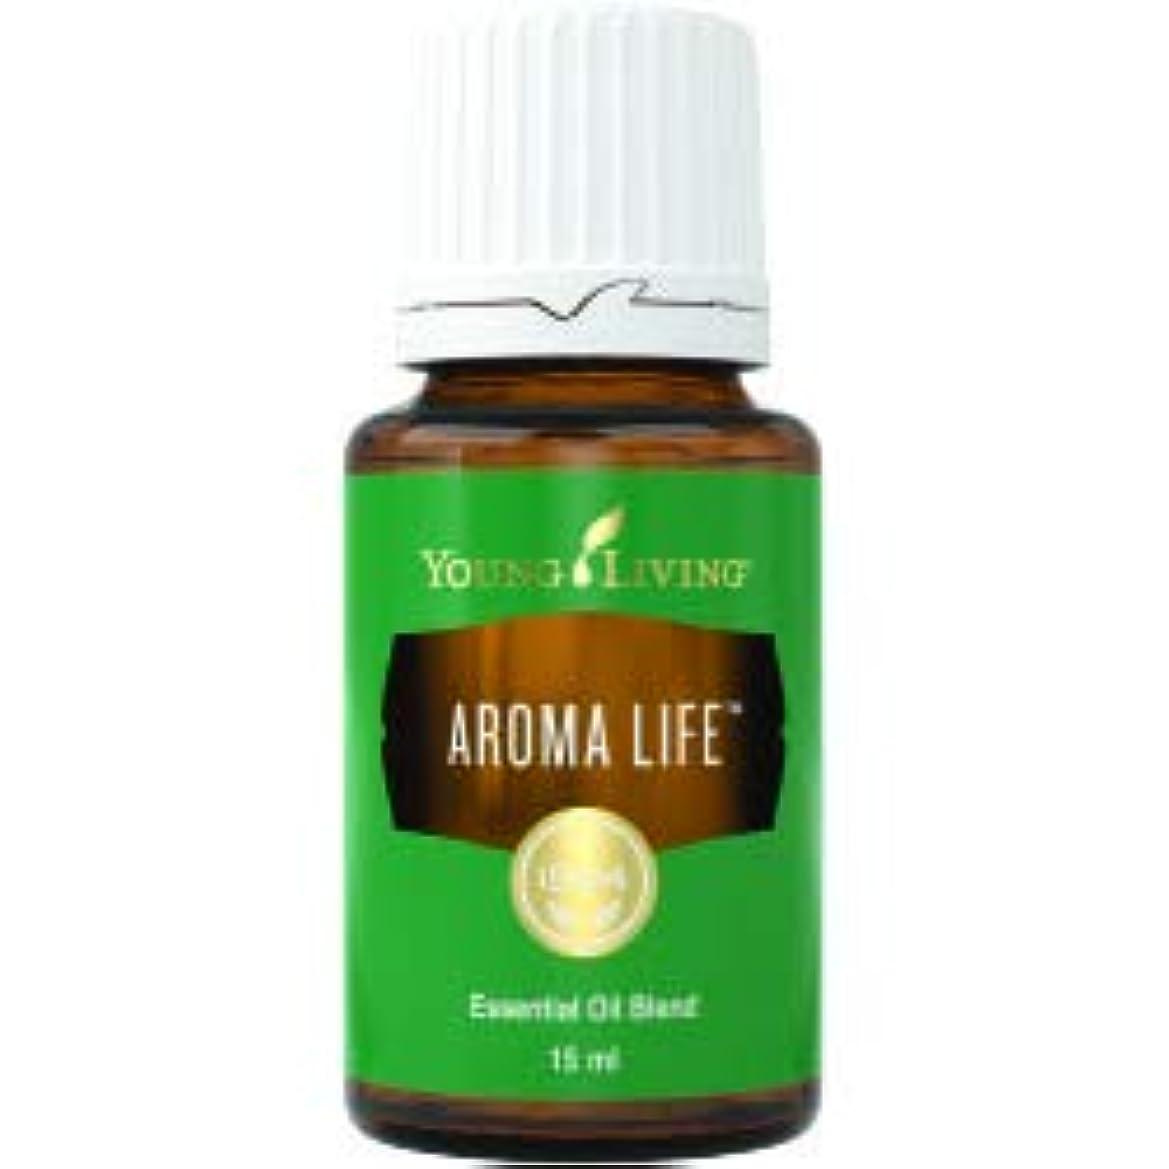 テザー群れアセンブリアロマライフ™は、イランイランの調和効果と既知の大手サイプレス、ヘリクリサム、マジョラムを組み合わせたものです。オイルブレンドはあなたの生命力を活性化し、リラックスをもたらします Aroma Life Essential...